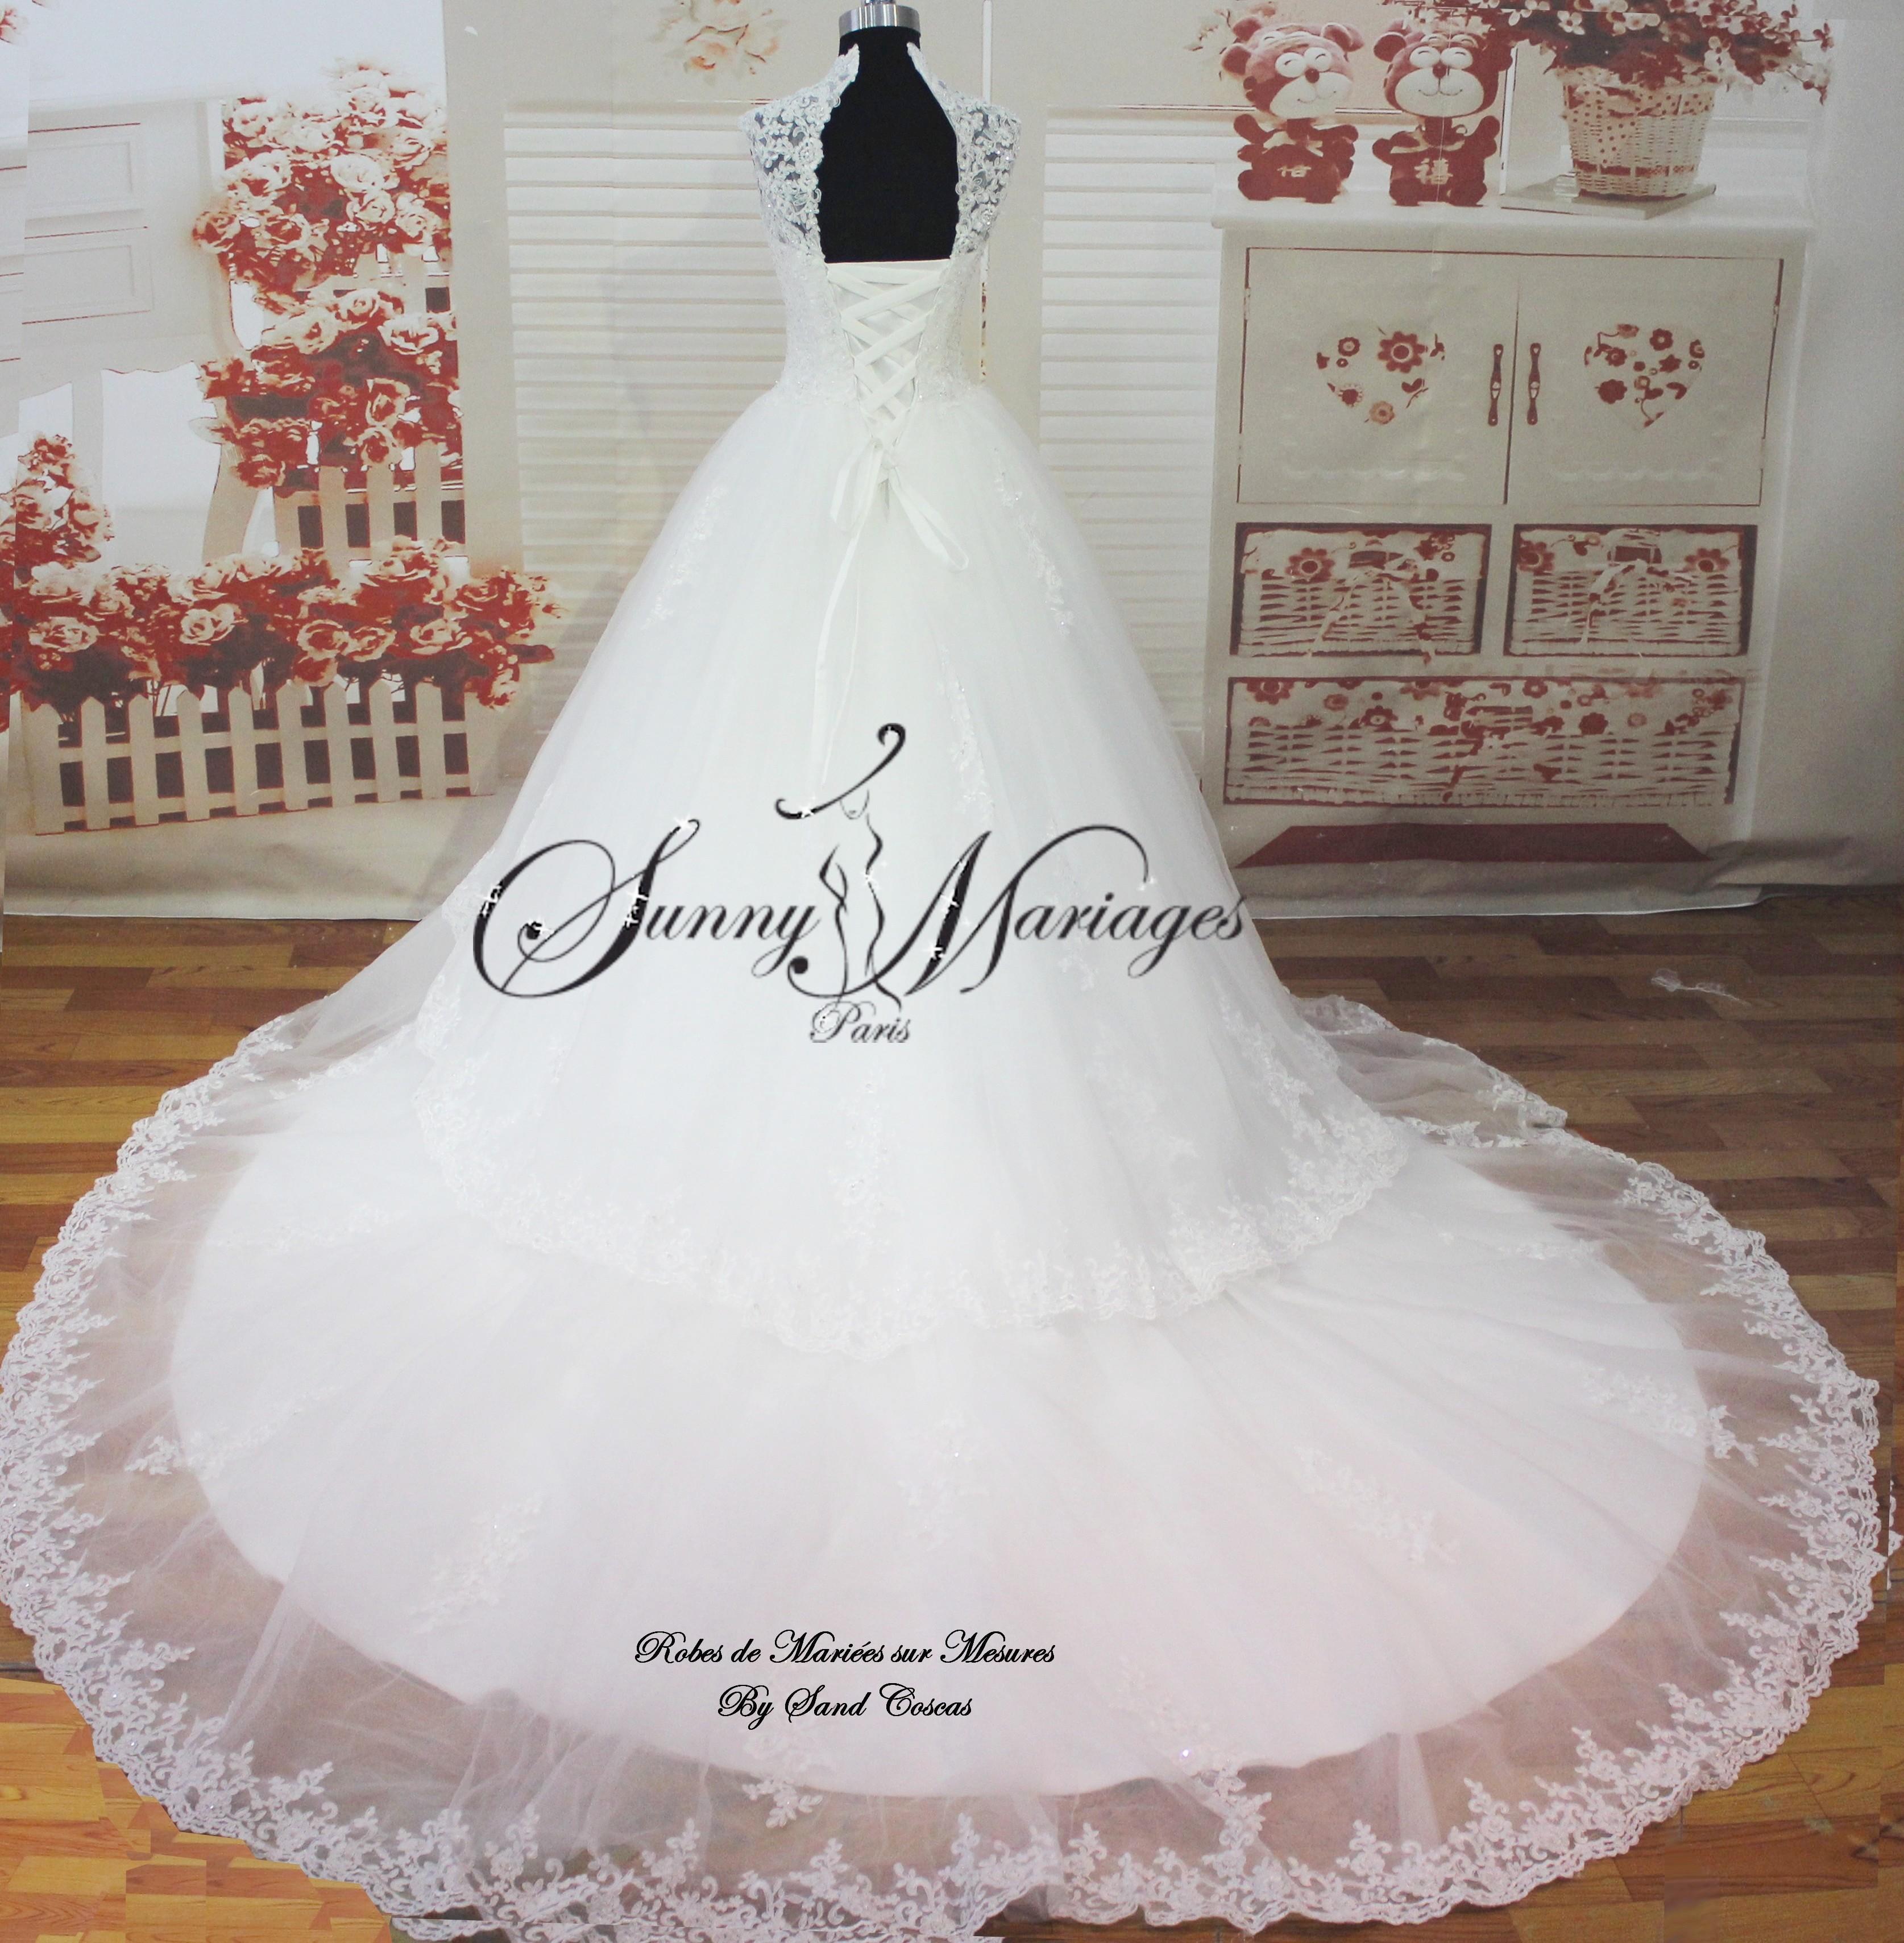 robe de mariee en stock taille 36 et 38 disponibles SUNNY MARIAGES